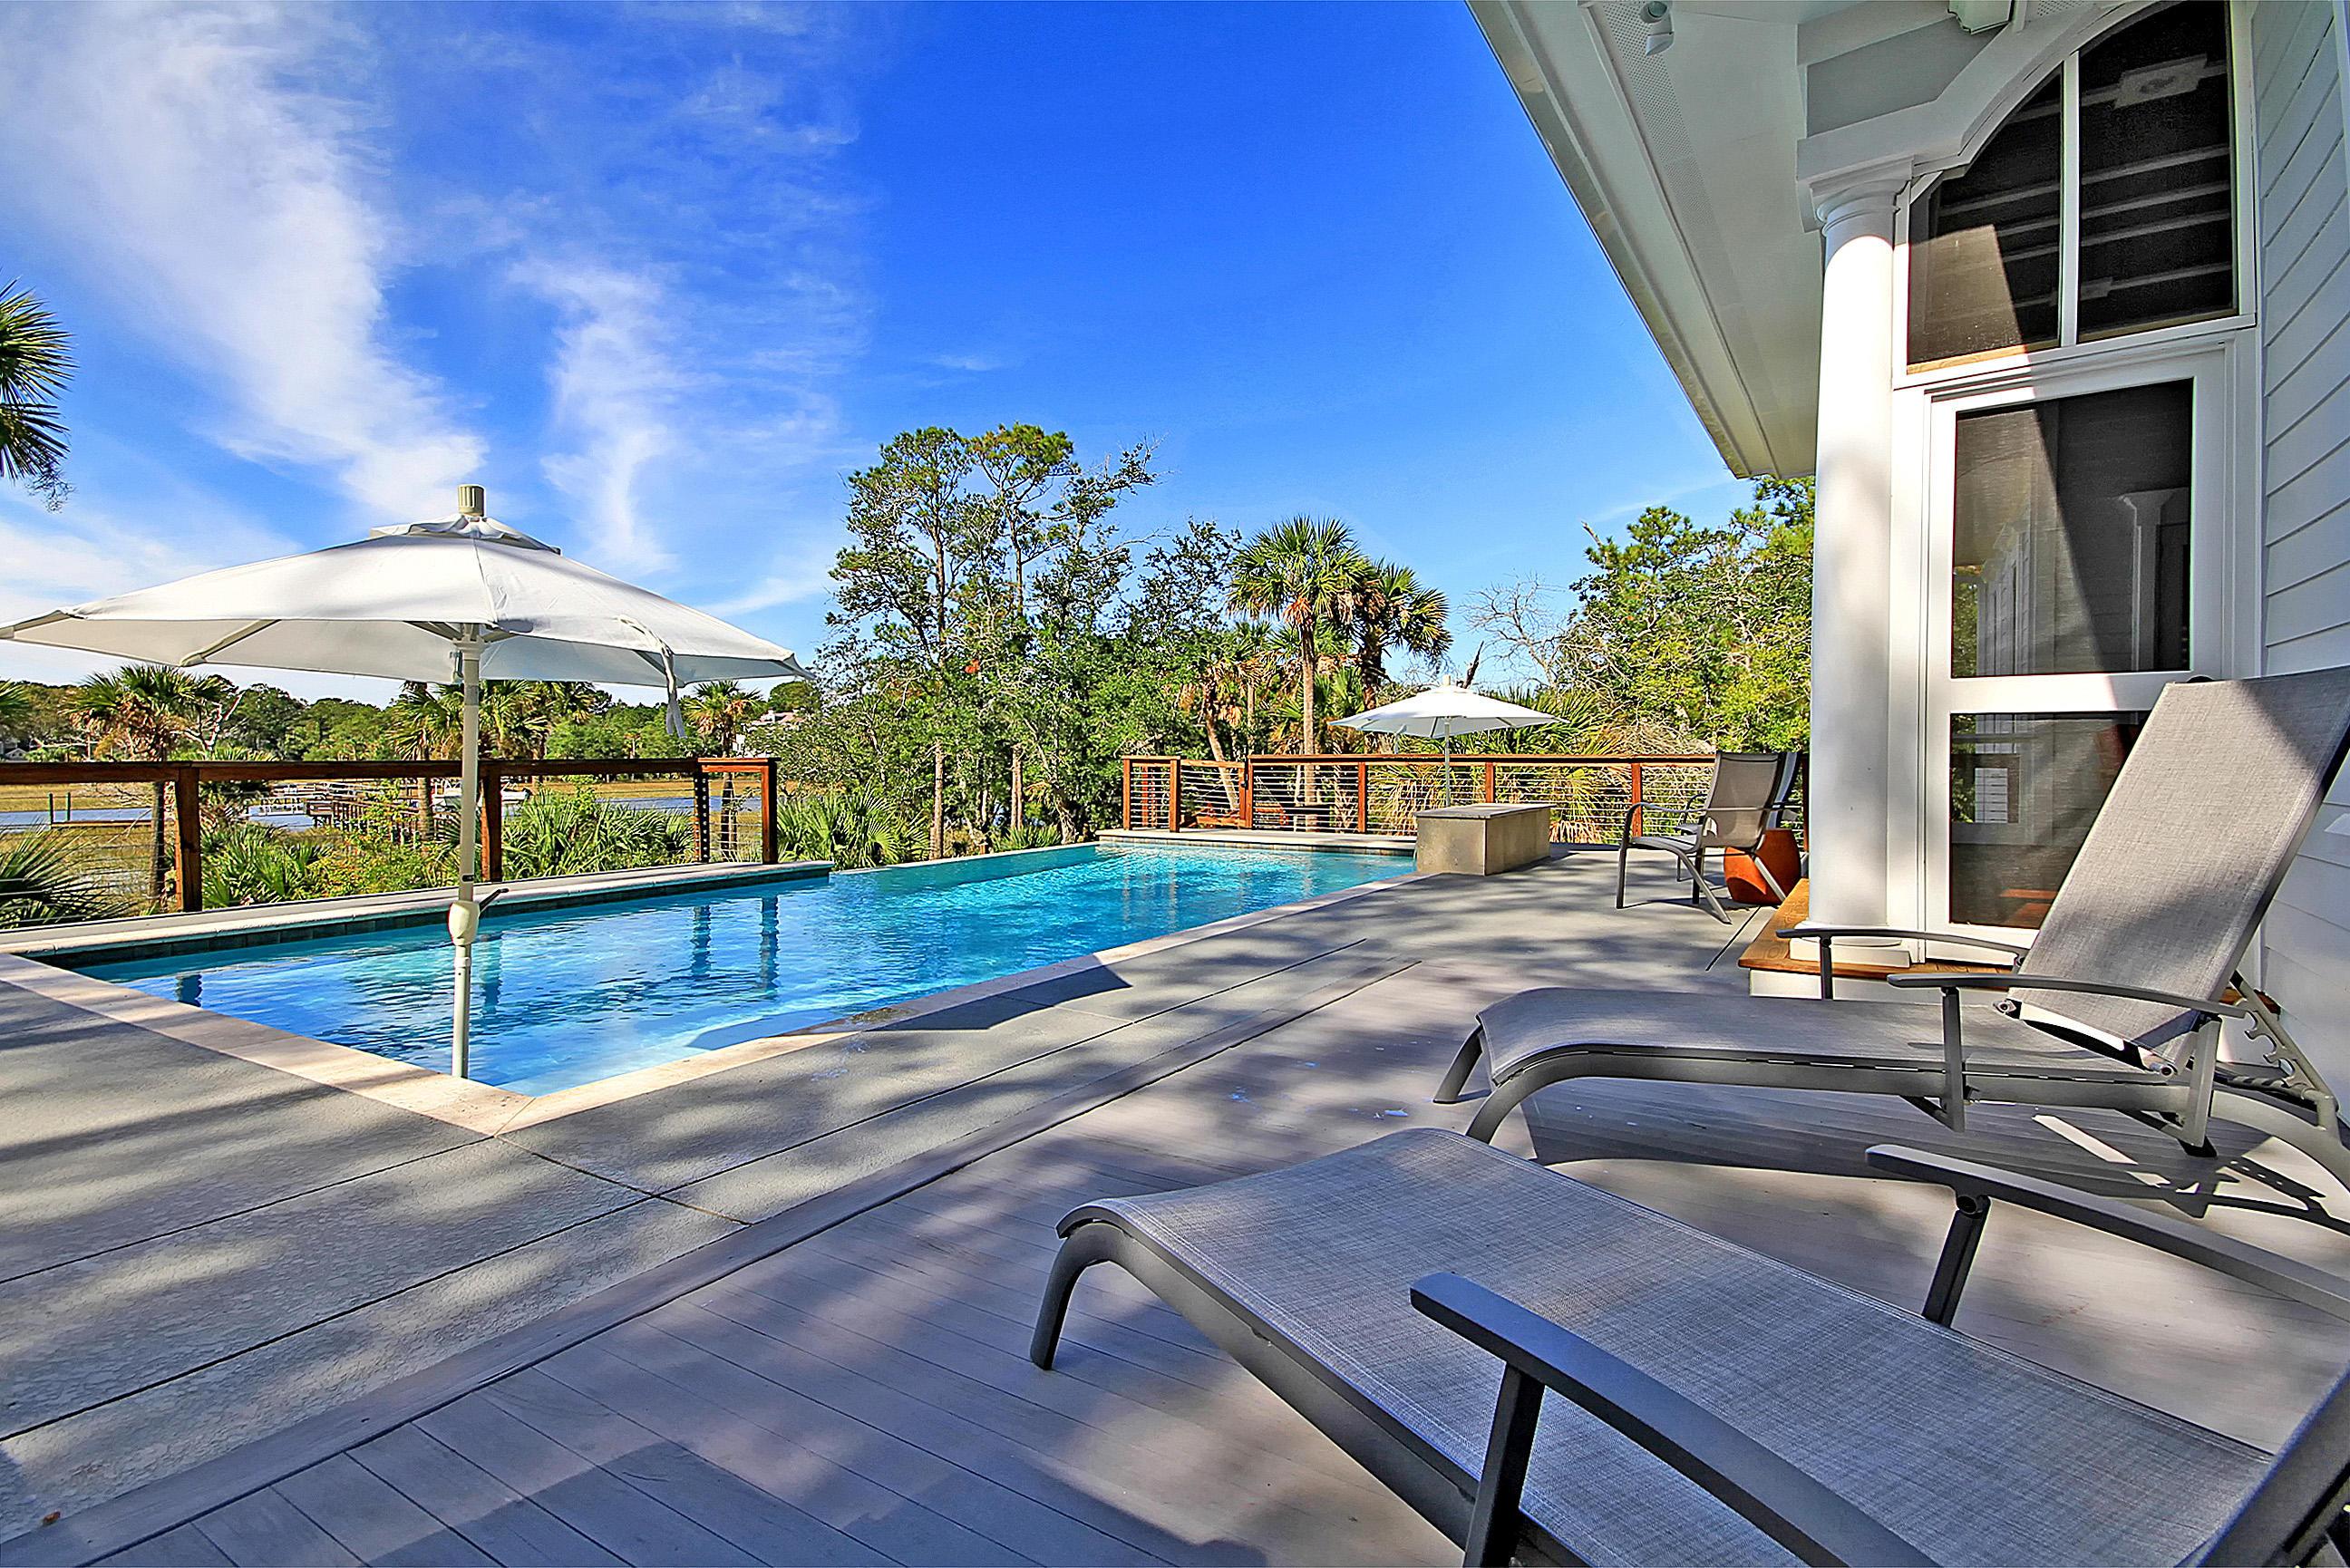 Park West Homes For Sale - 3940 Ashton Shore, Mount Pleasant, SC - 51